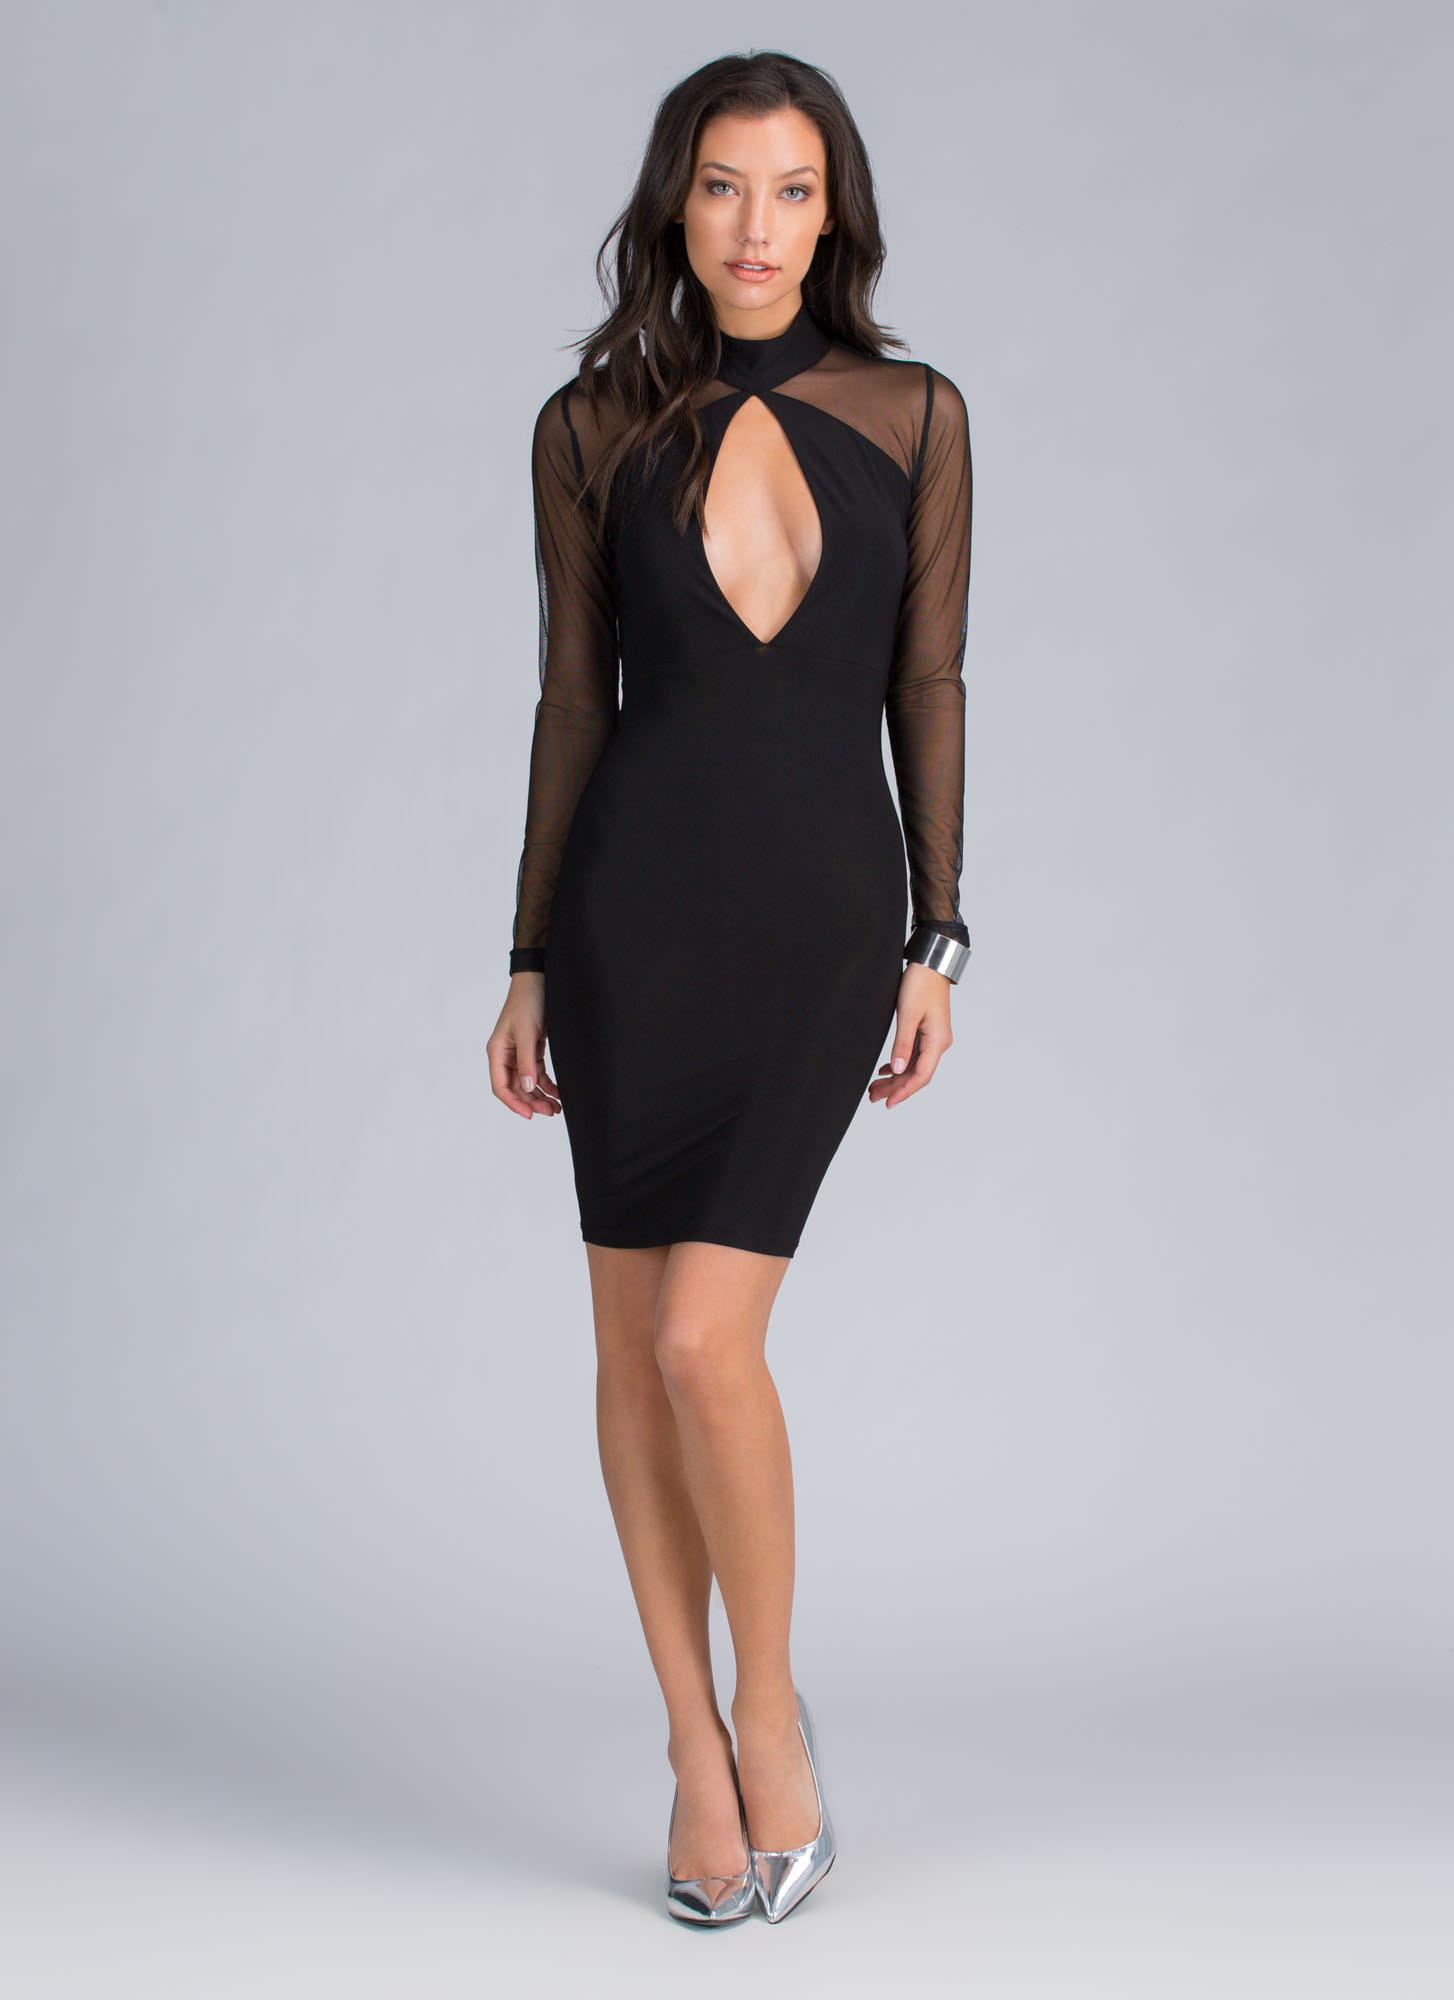 Your Angles Bodycon Dress BLACK - GoJane.com